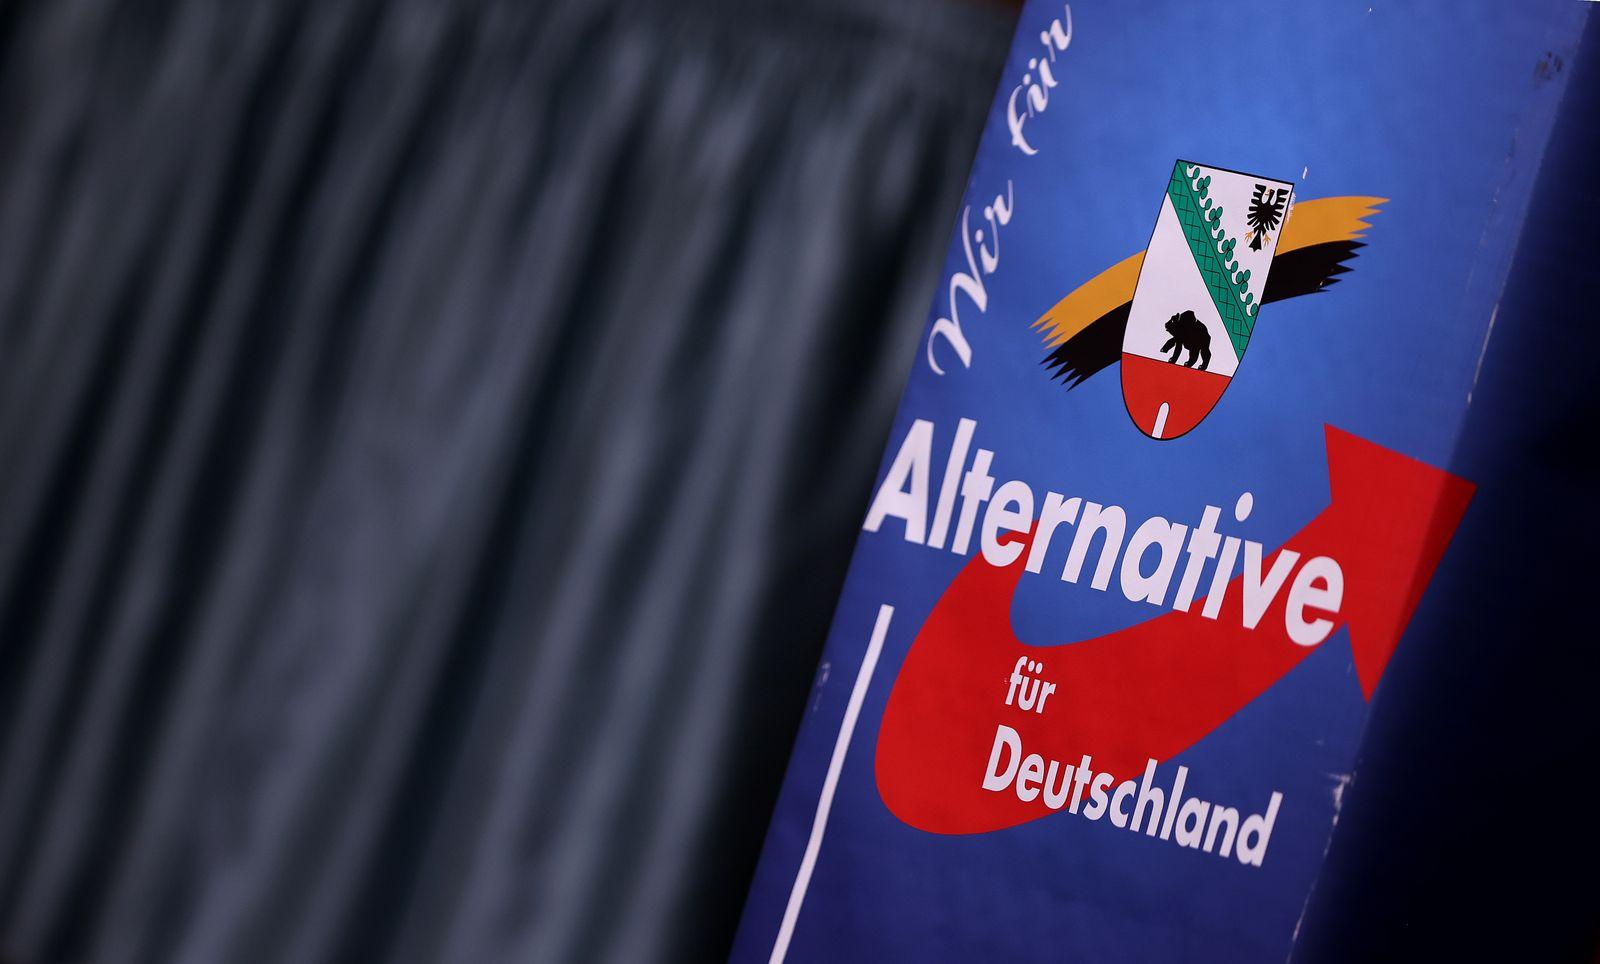 Sachsen-Anhalts AfD beruft Sondersitzung wegen Verfassungsschutz